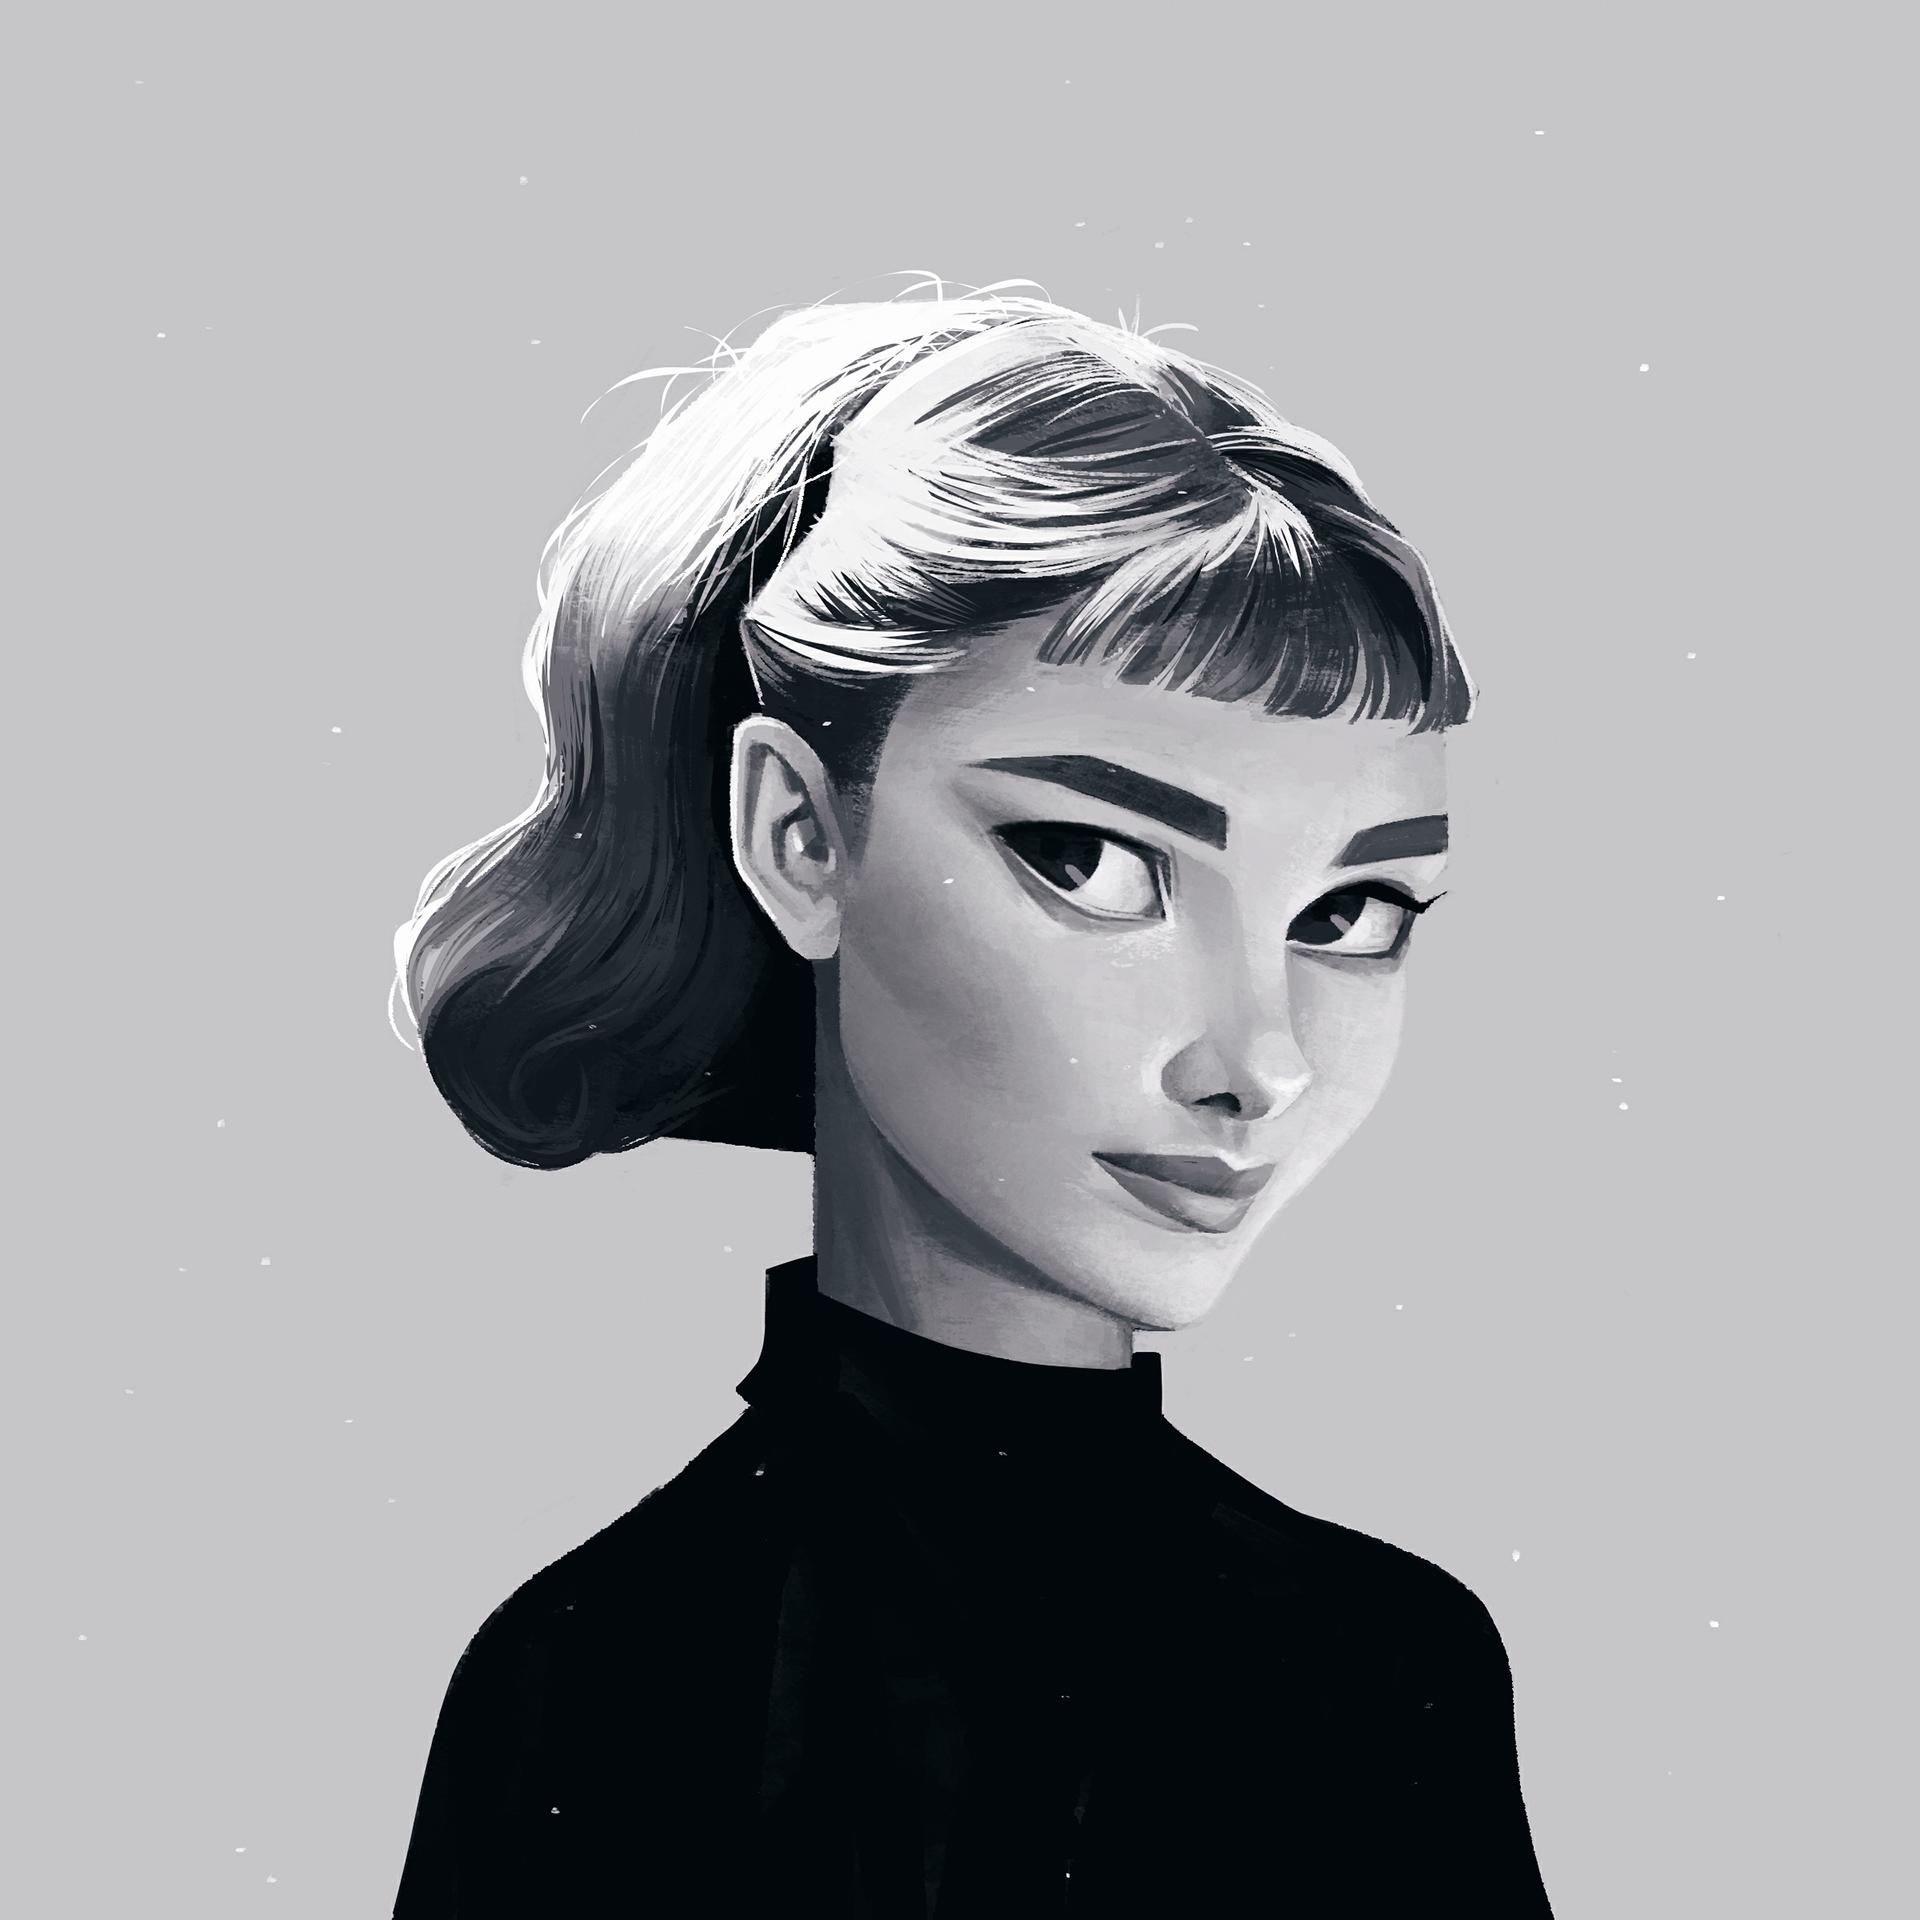 Voguish Portrait Illustrations by Janice Sung - paul ...